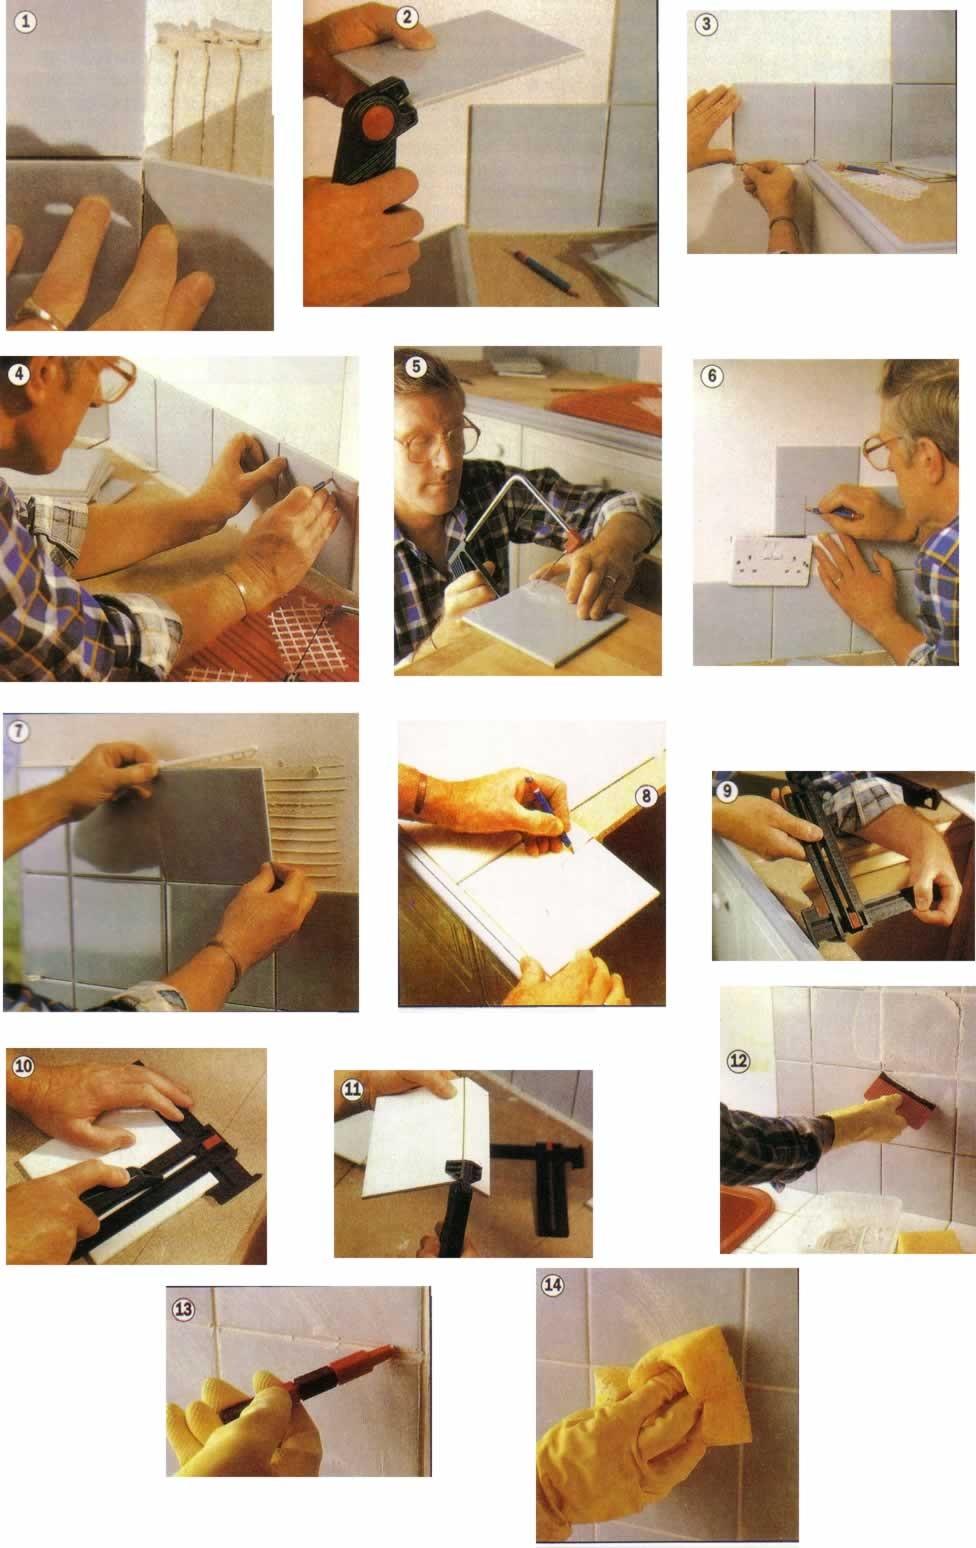 Obras reformas madrid obras en madrid reformas en - Como limpiar azulejos de cocina ...